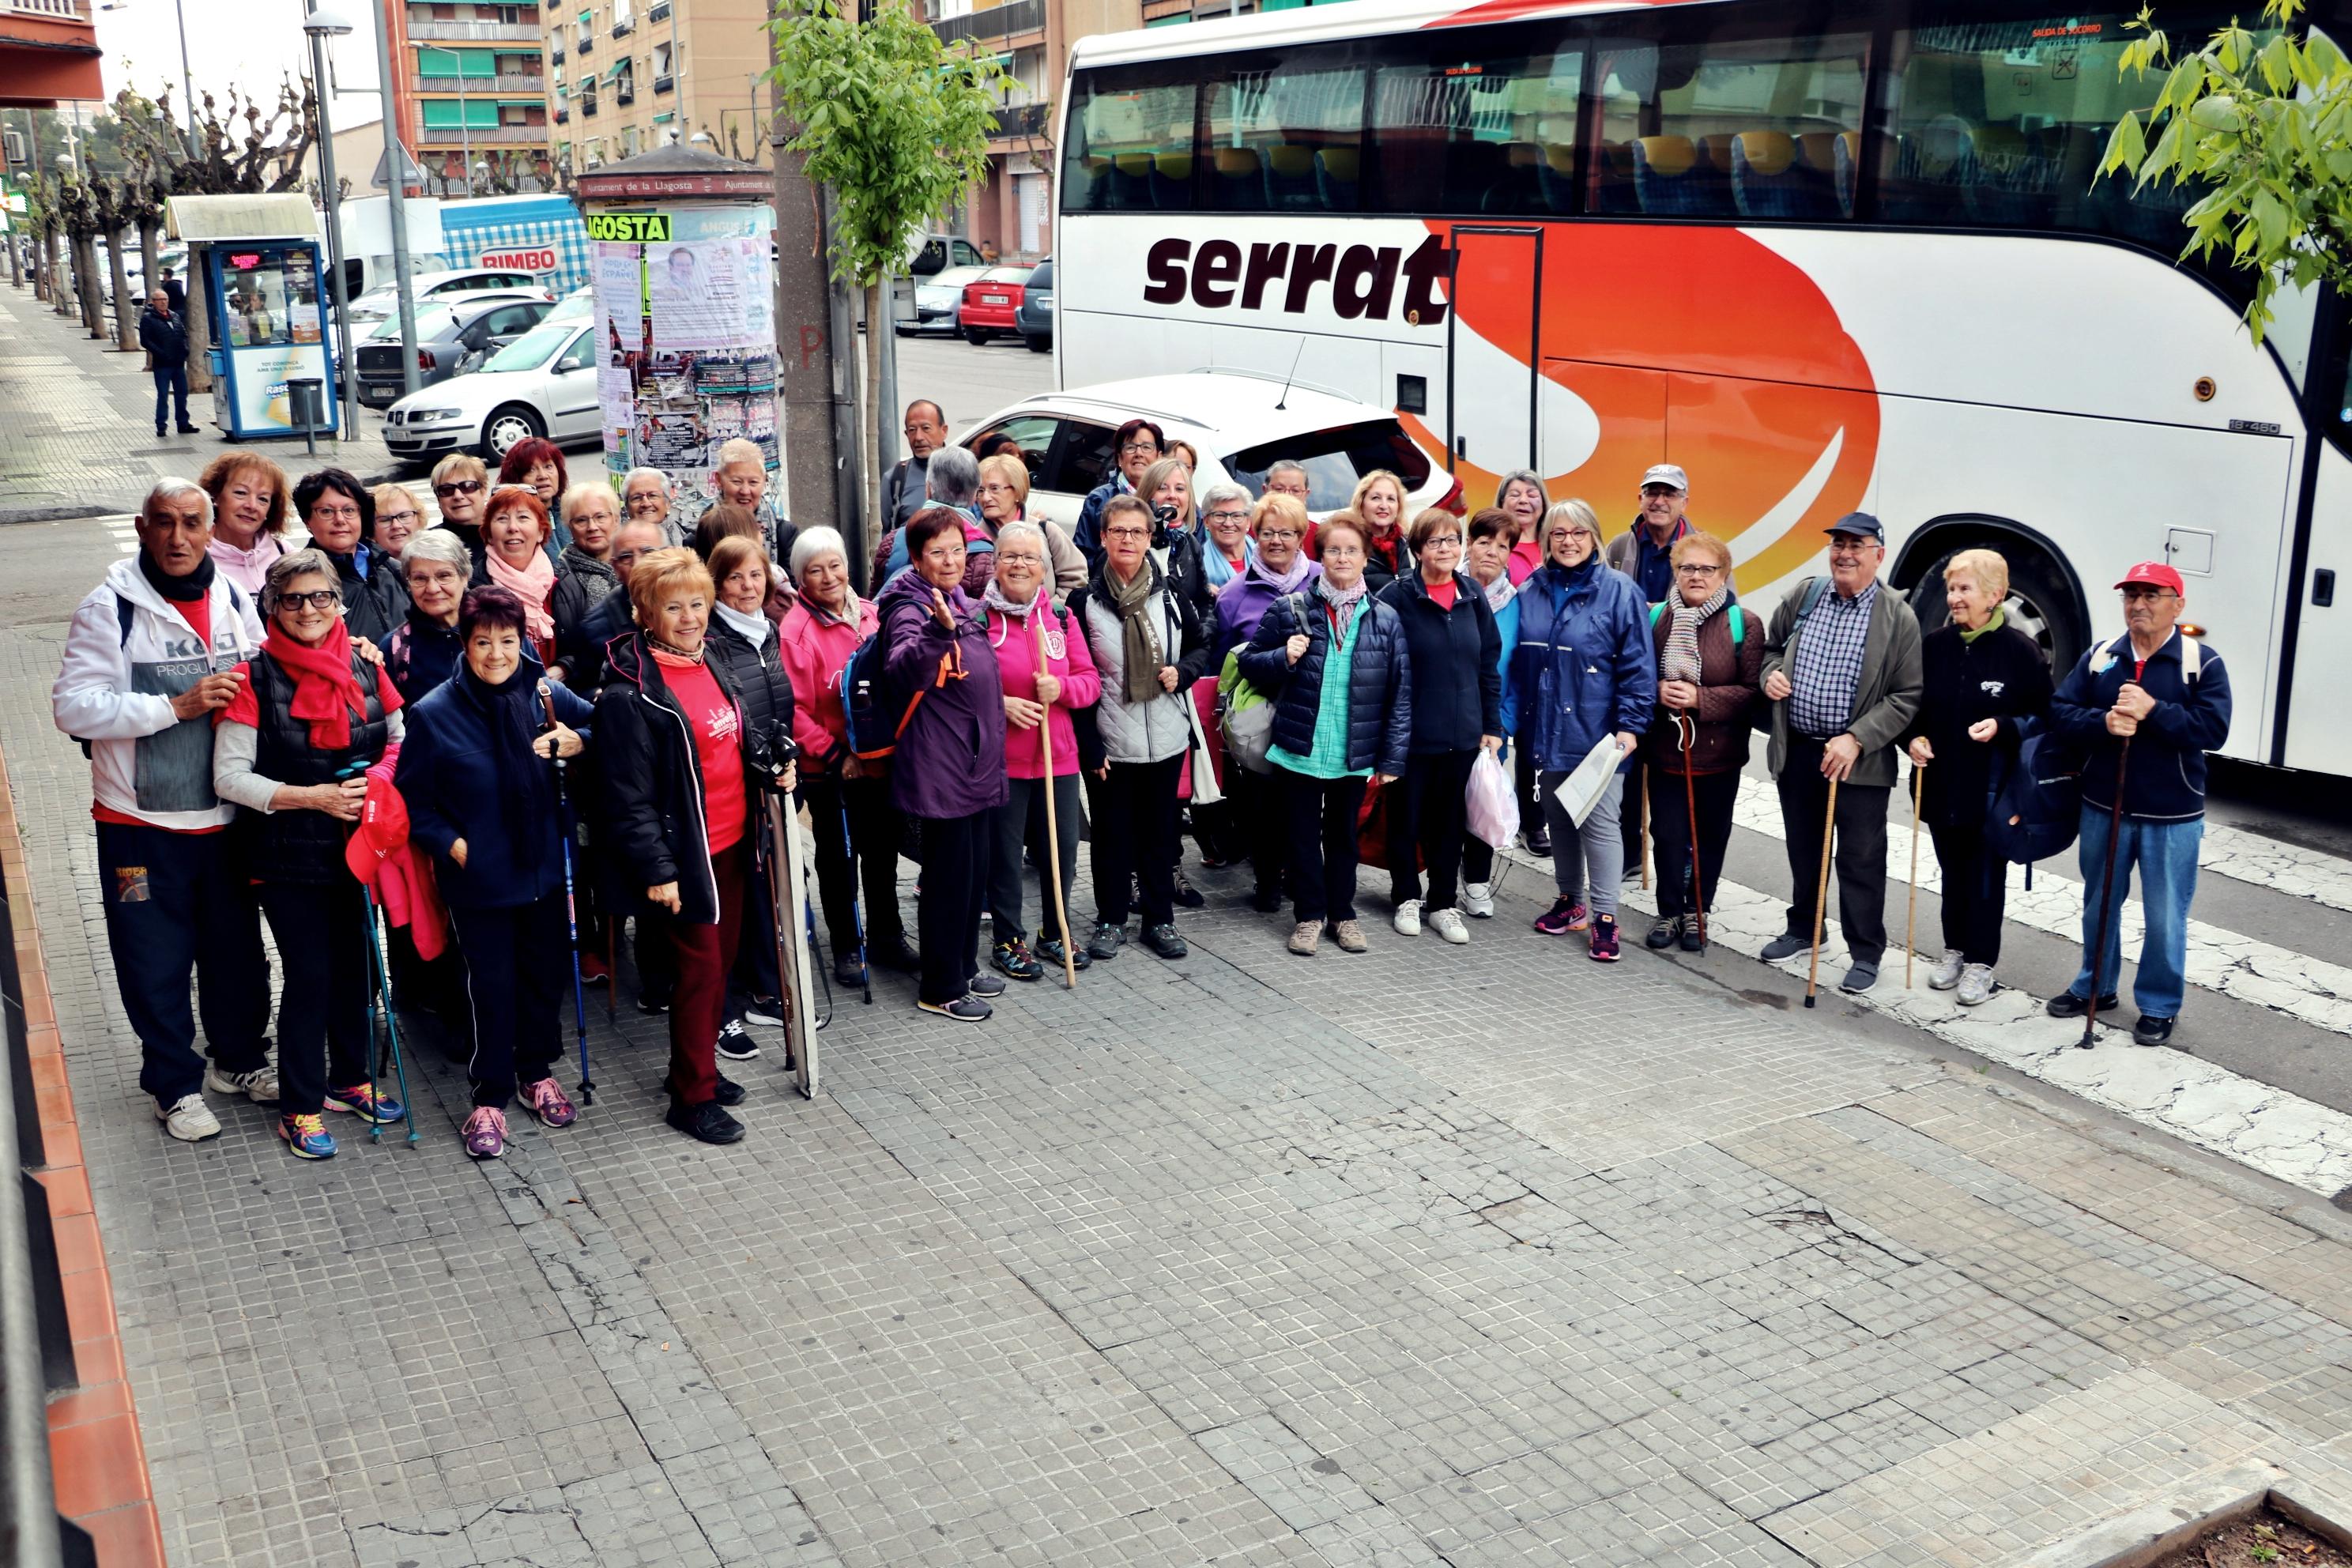 La nova passejada per a la gent gran es fa a Torrelles de Llobregat